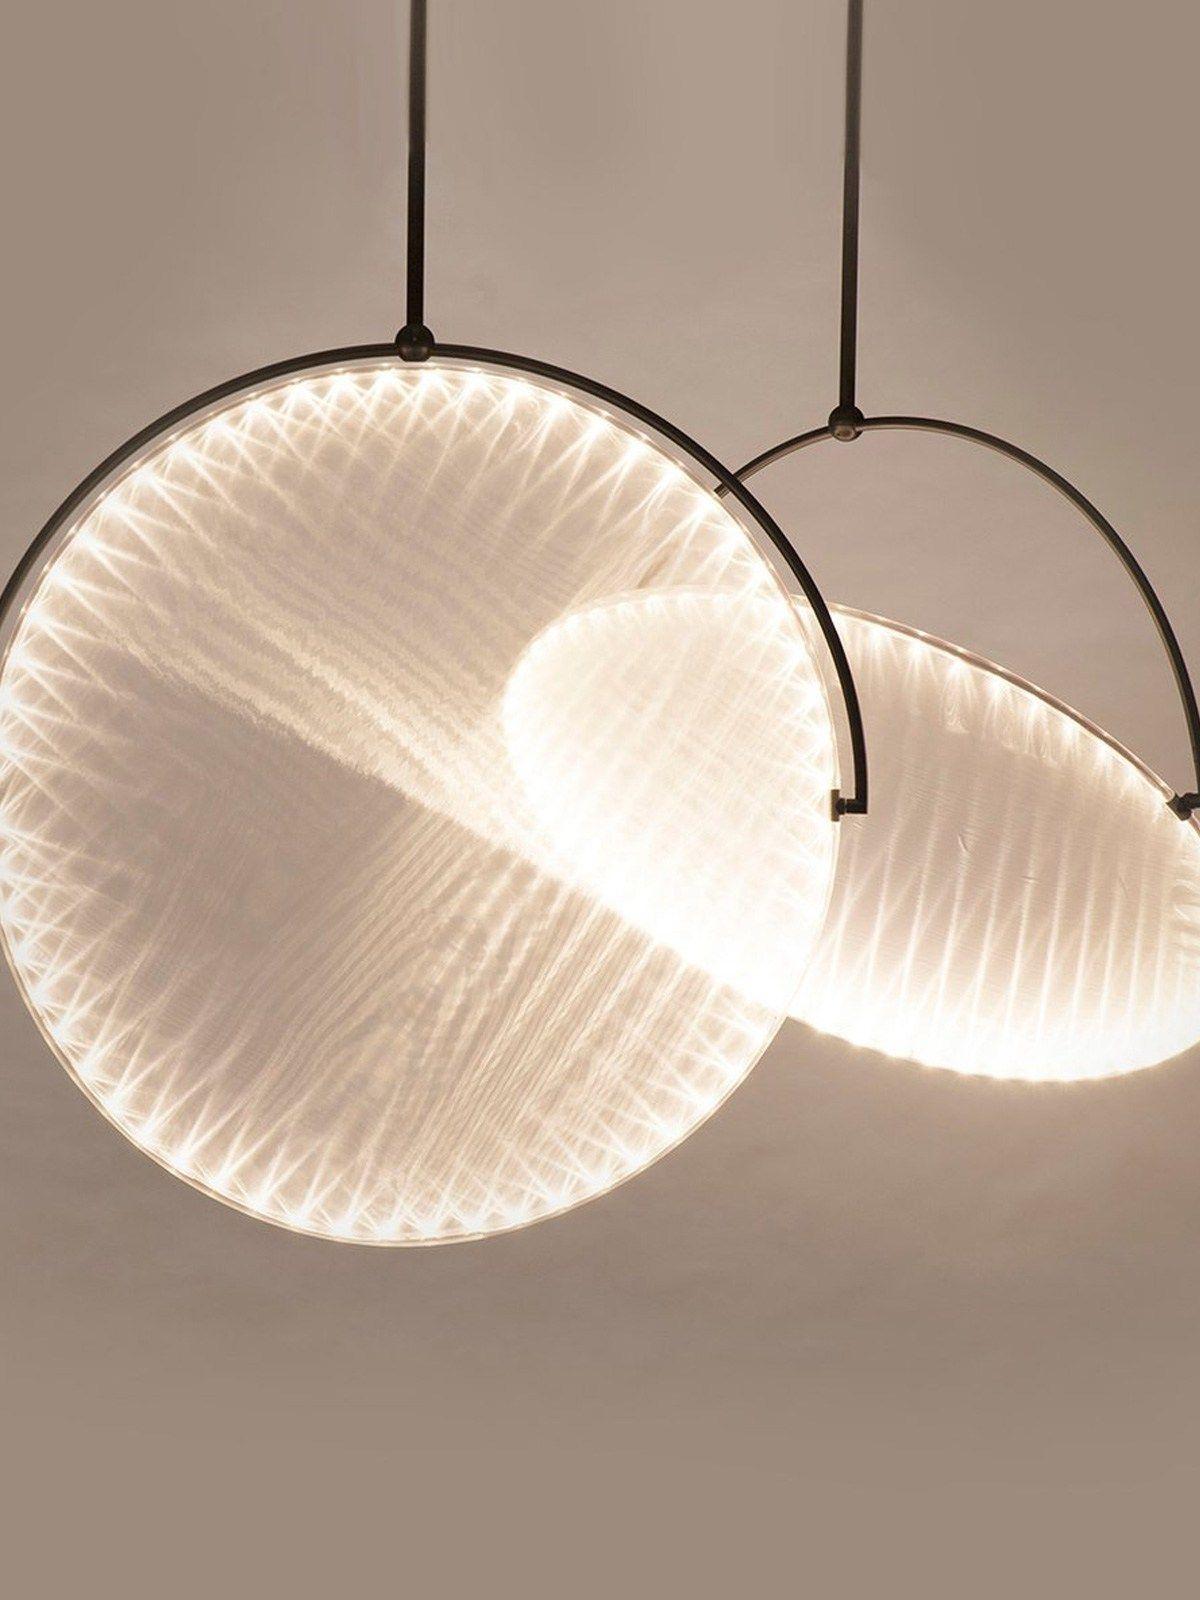 Kepler Light Lighting Design Lighting Lamp Design